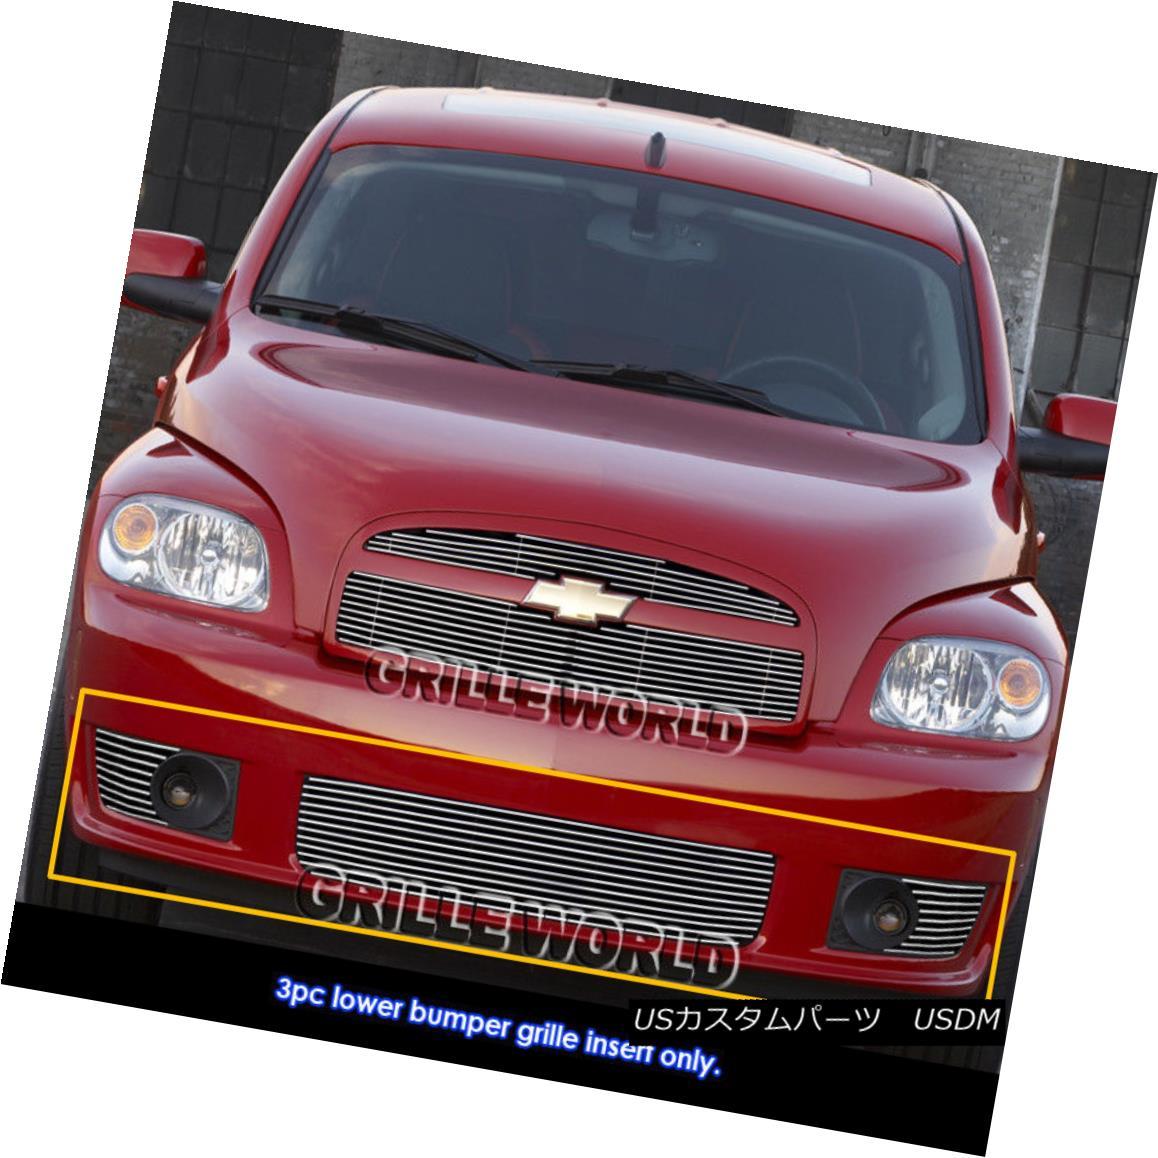 グリル Fits 2006-2010 Chevy HHR SS Billet Grille Grill Insert Combo 2006-2010シボレーHHR SSビレットグリルグリルインサートコンボ